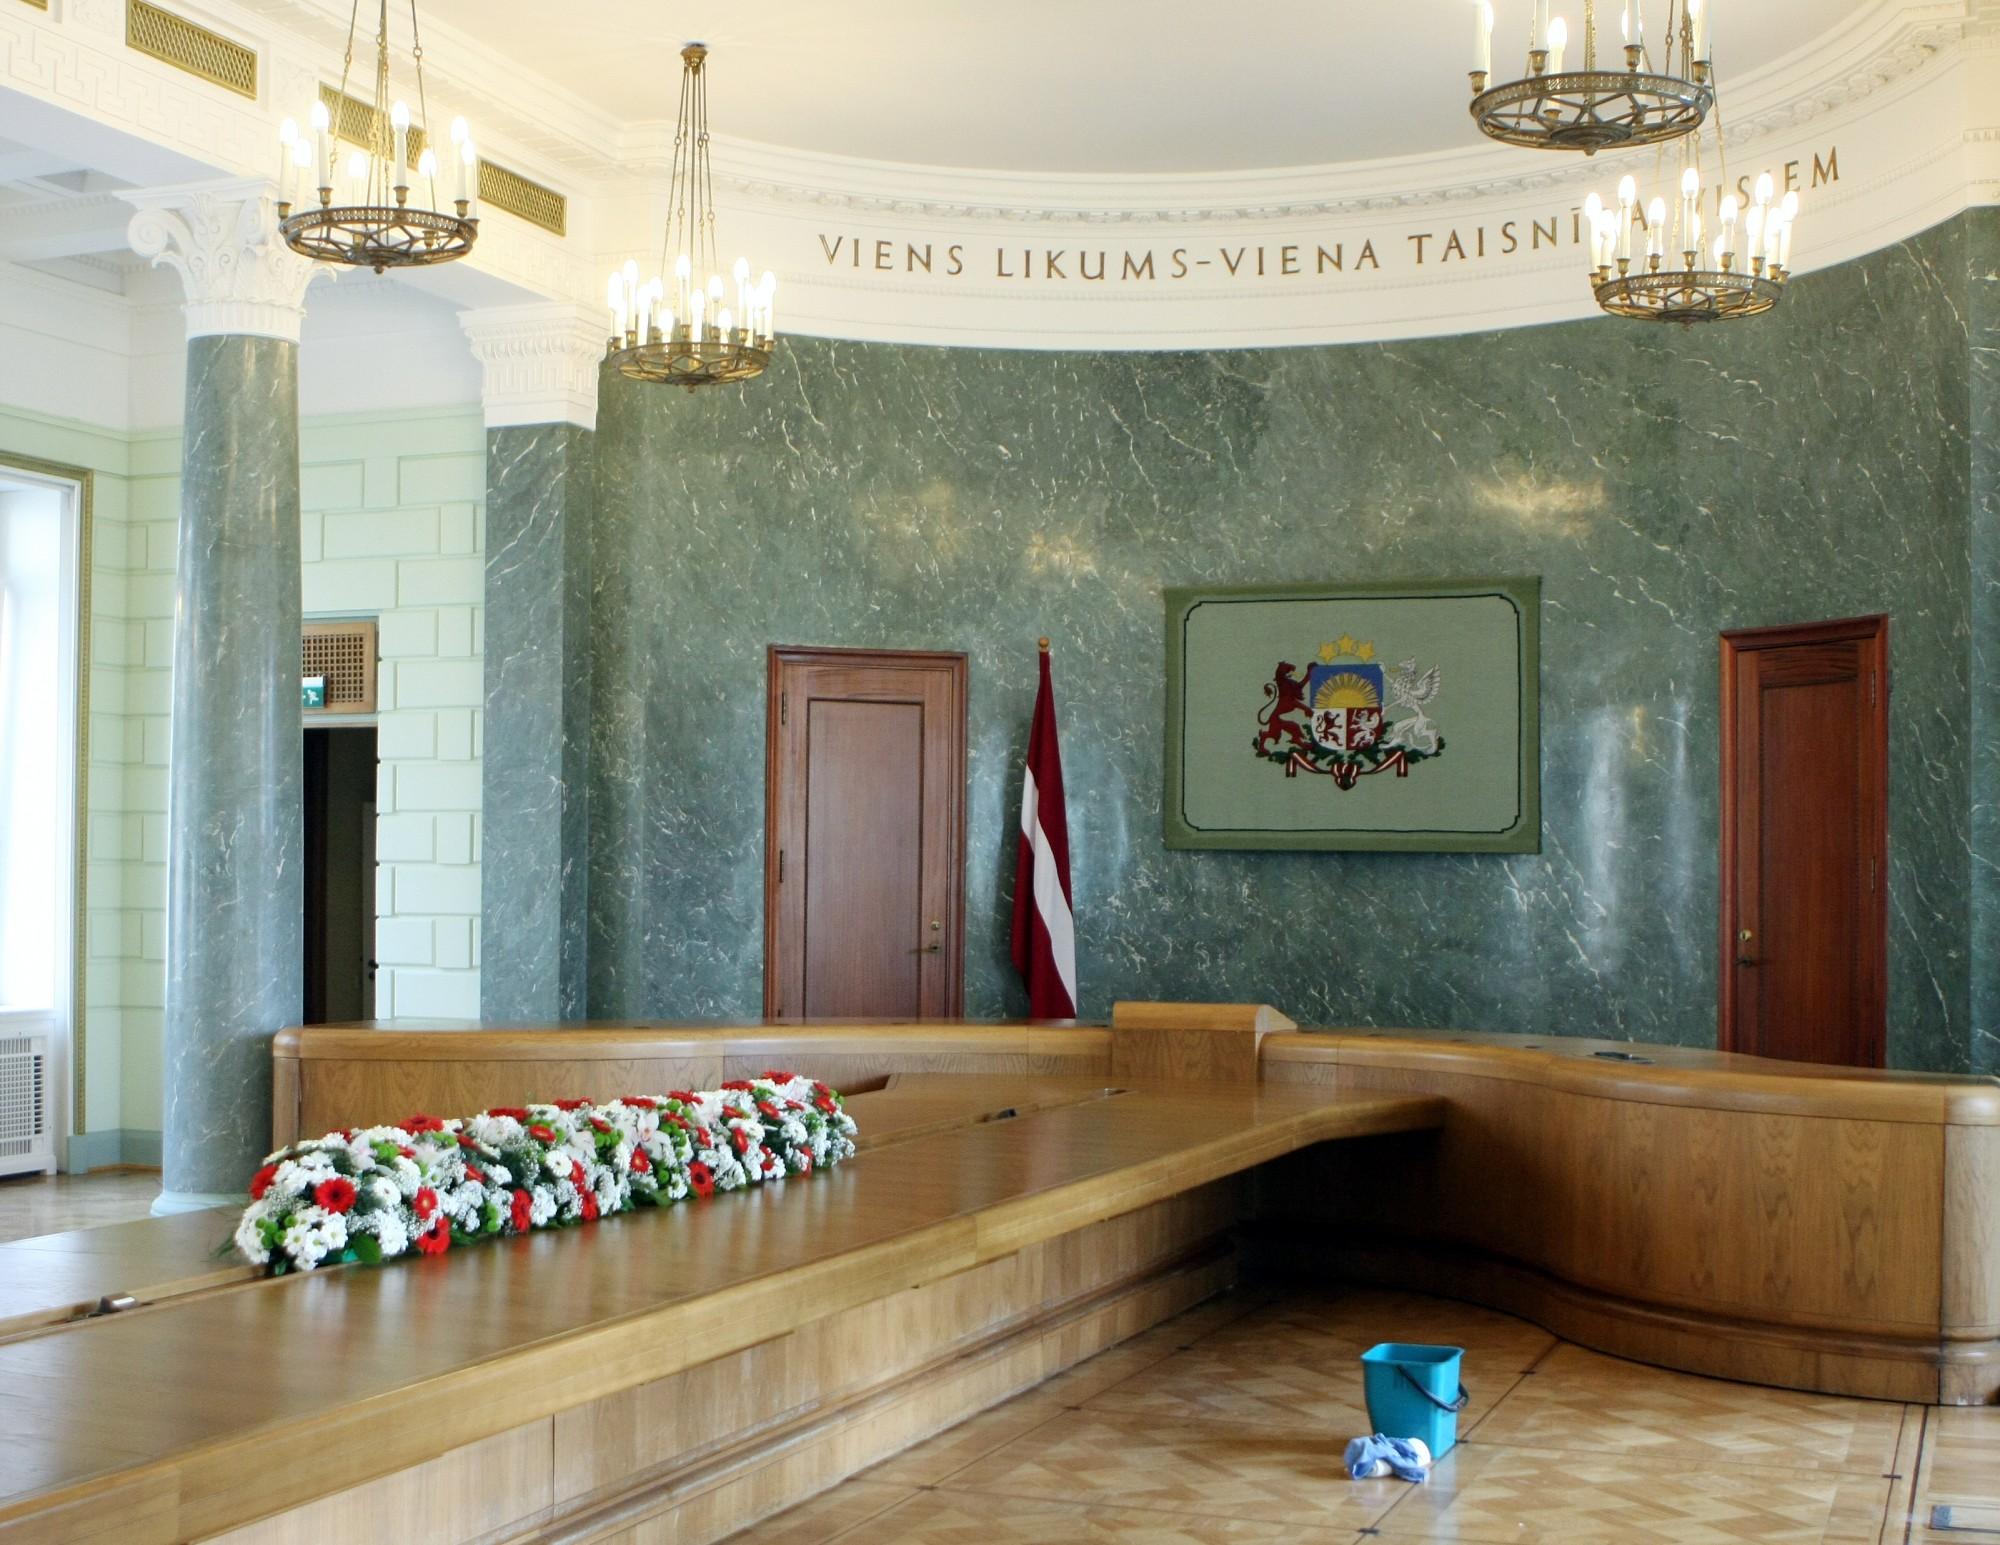 Выборы президента Латвии назначены на 29 мая